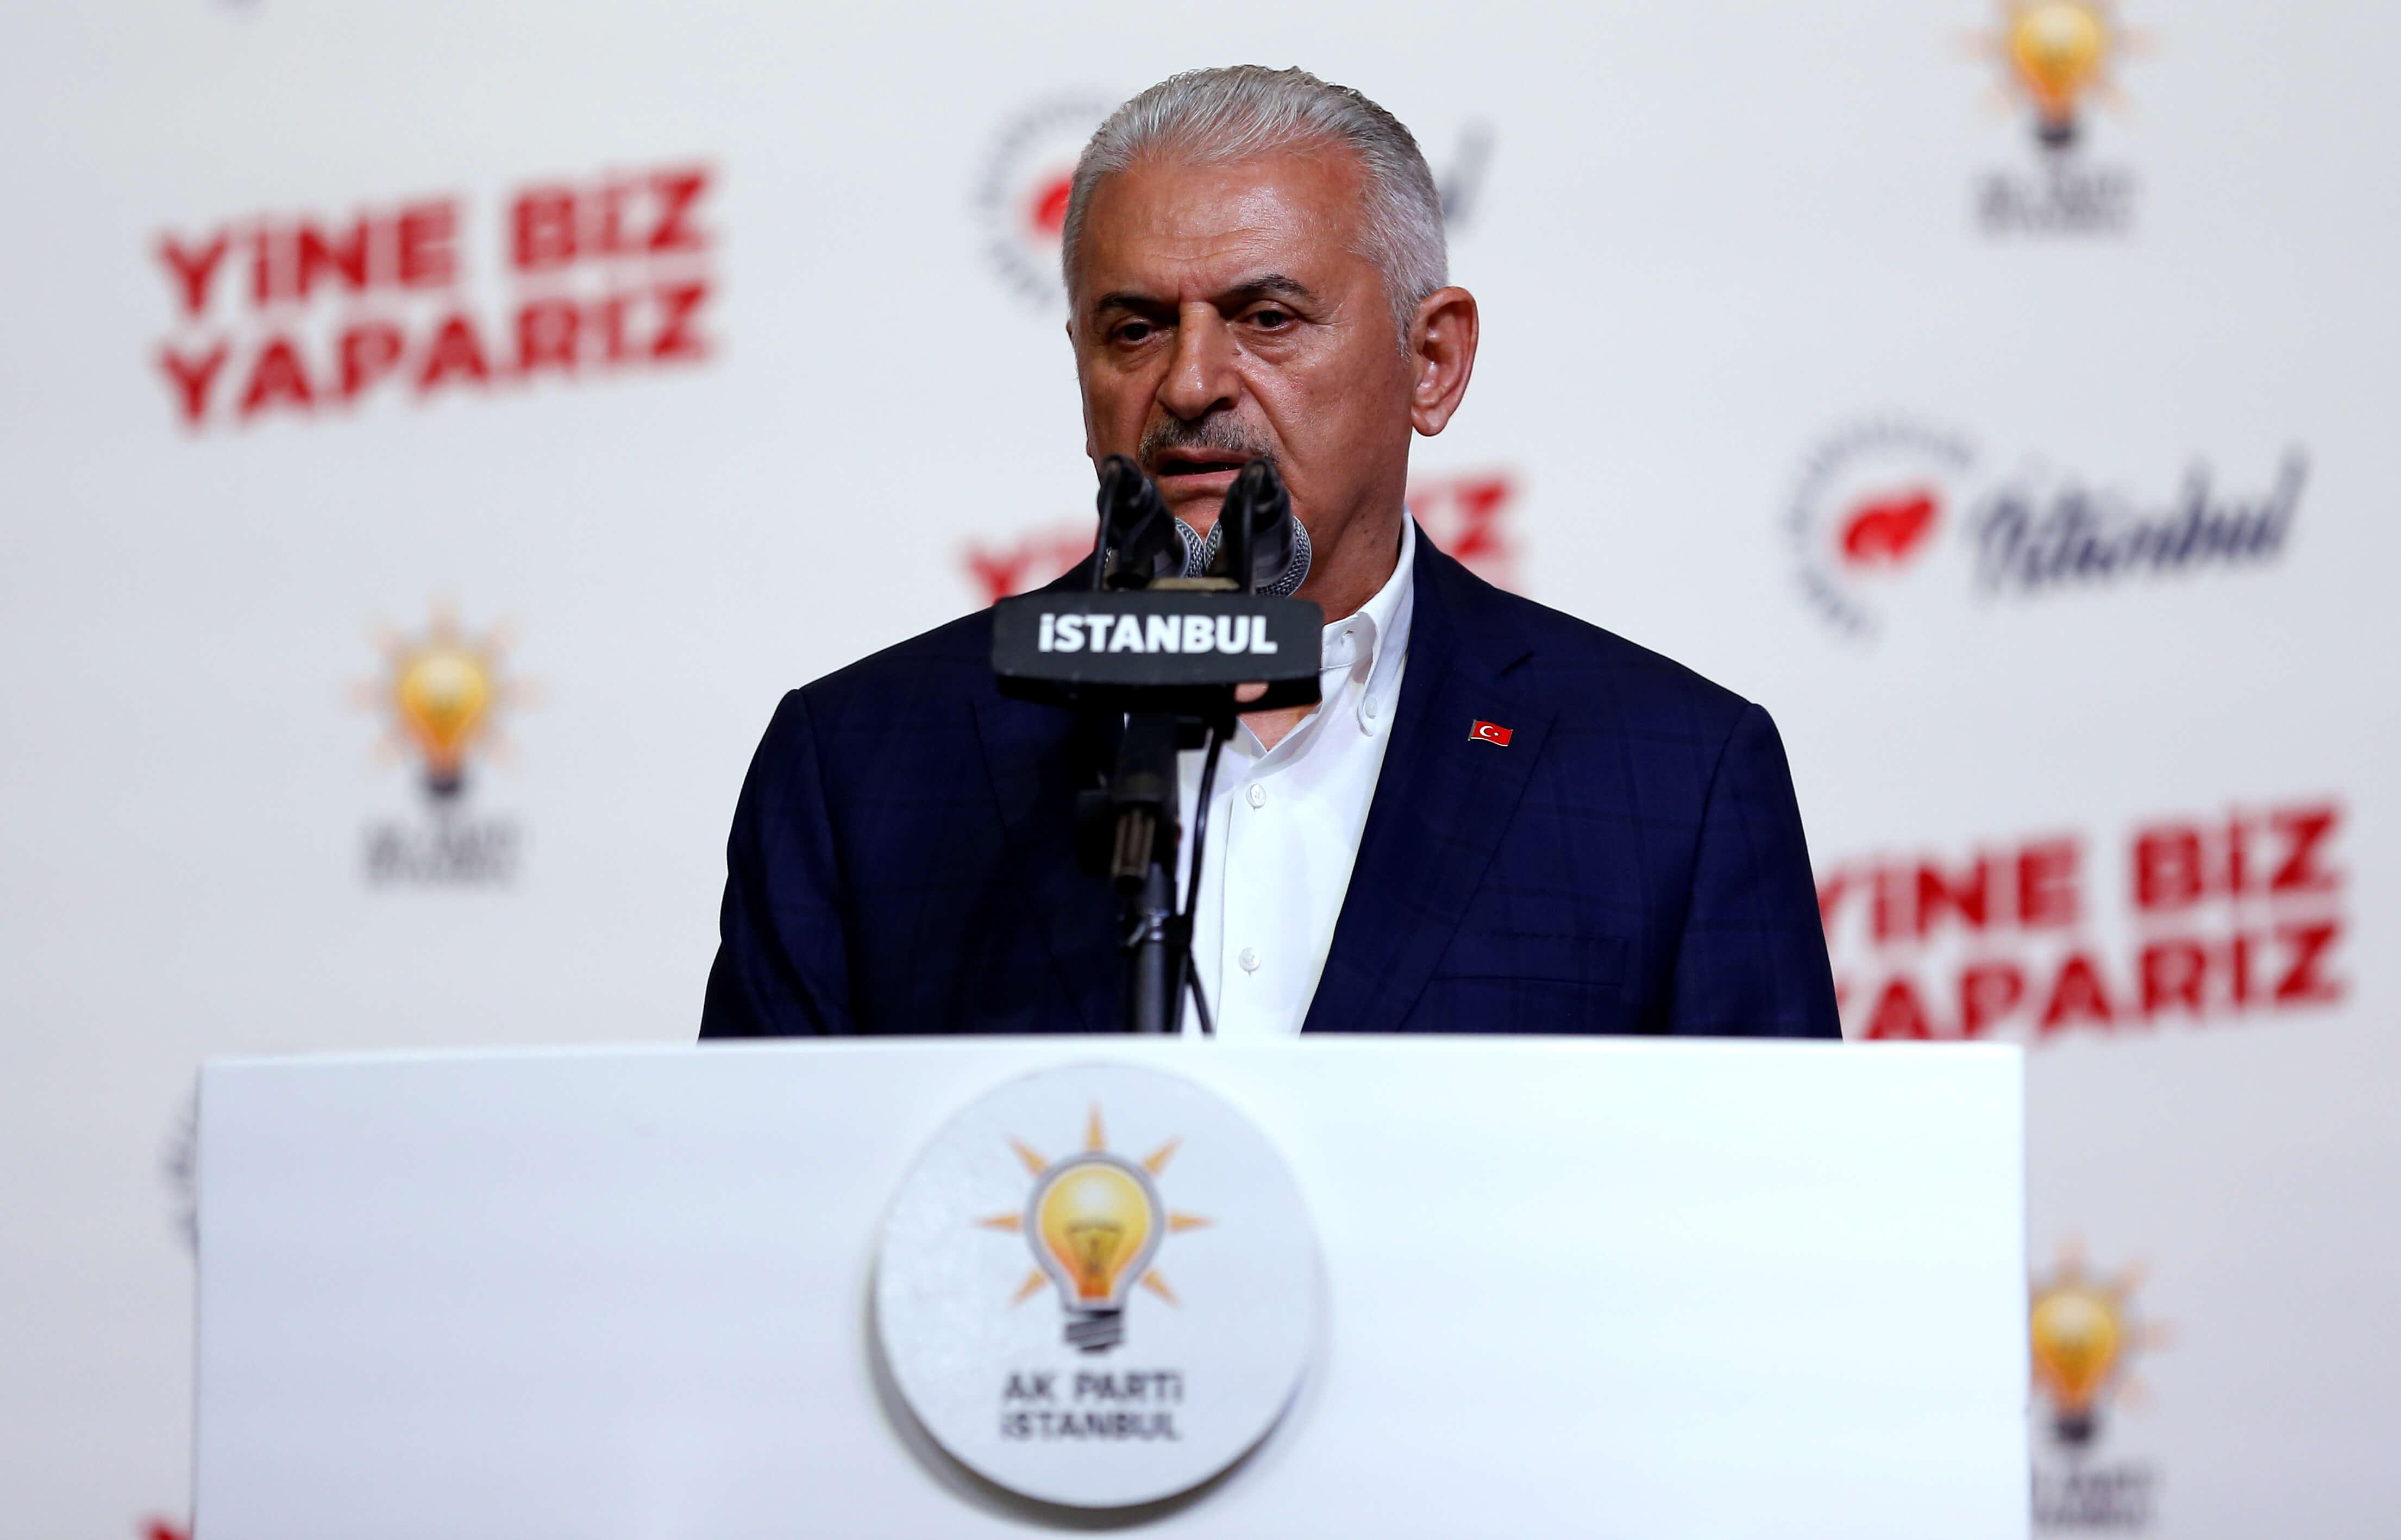 Με κορονοϊό ο τελευταίος πρωθυπουργός της Τουρκίας, Μπιναλί Γιλντιρίμ